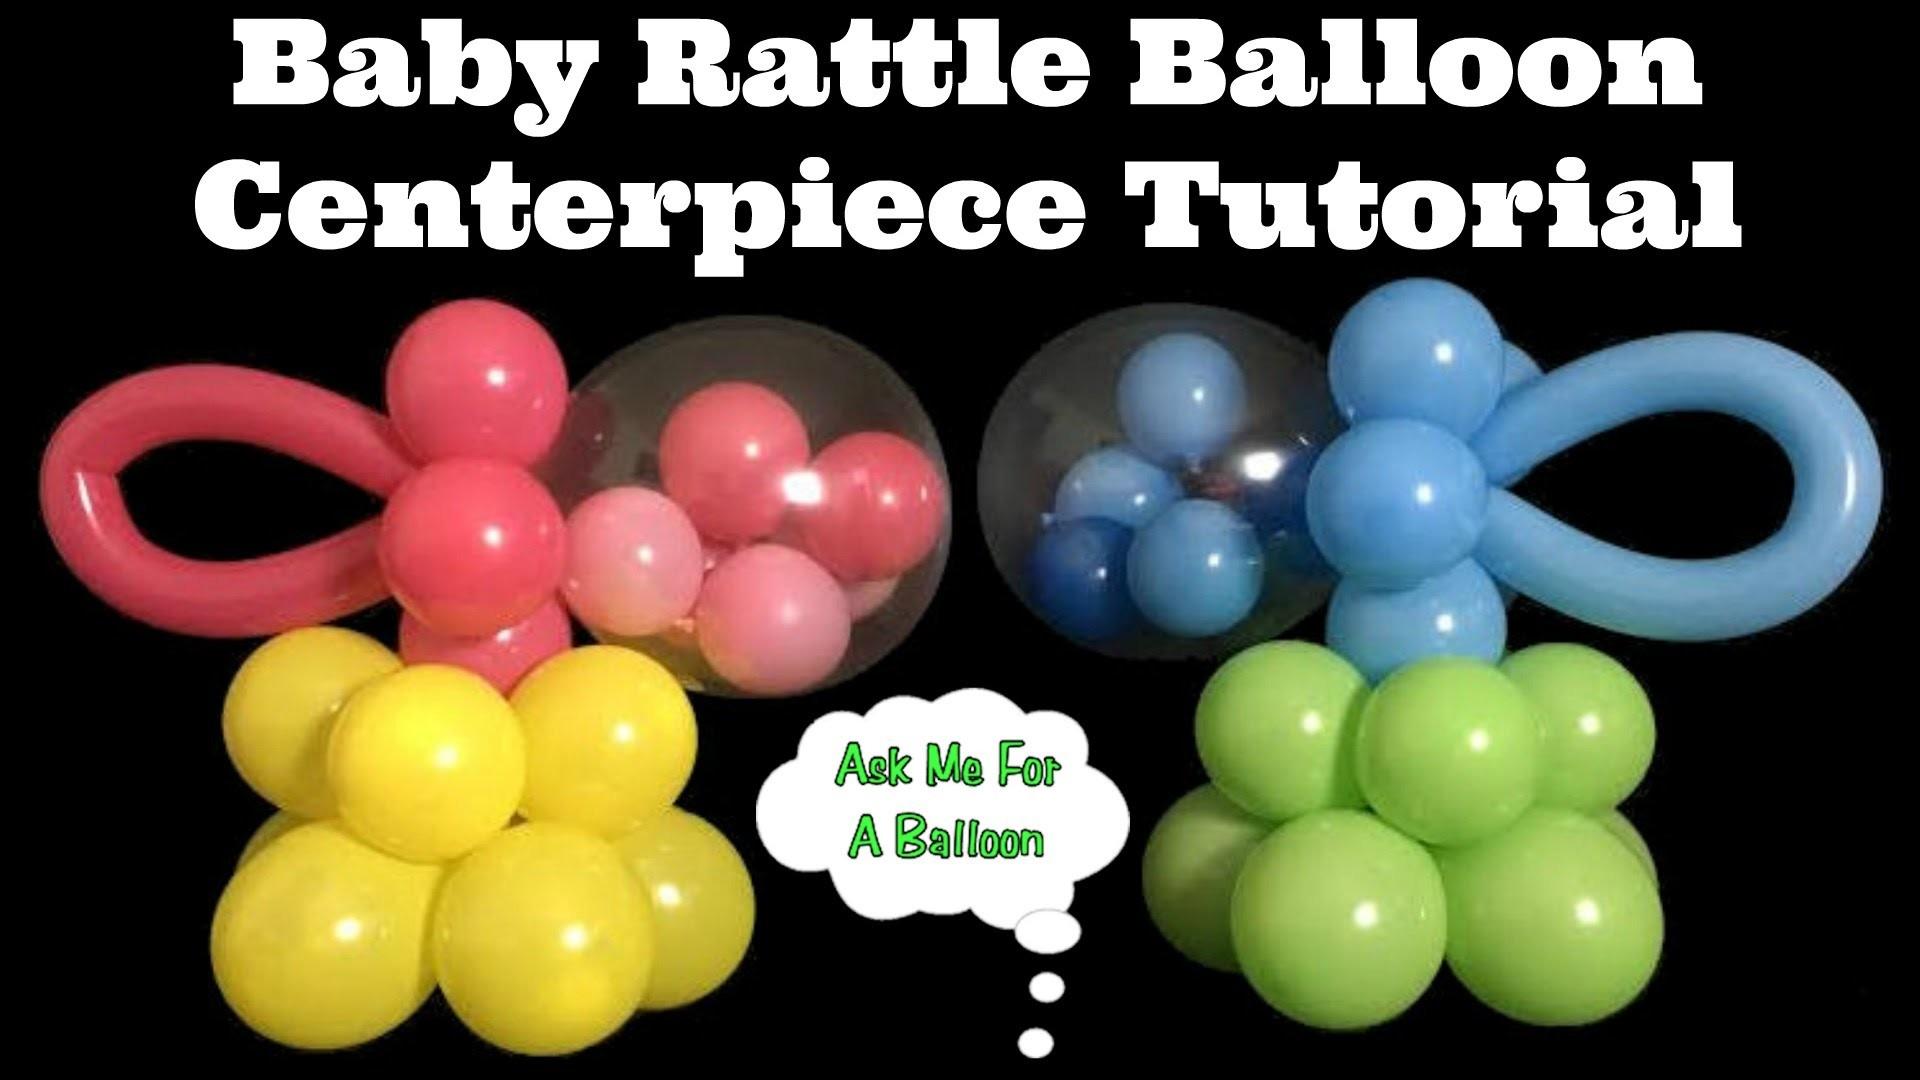 Baby rattle balloon centerpiece tutorial